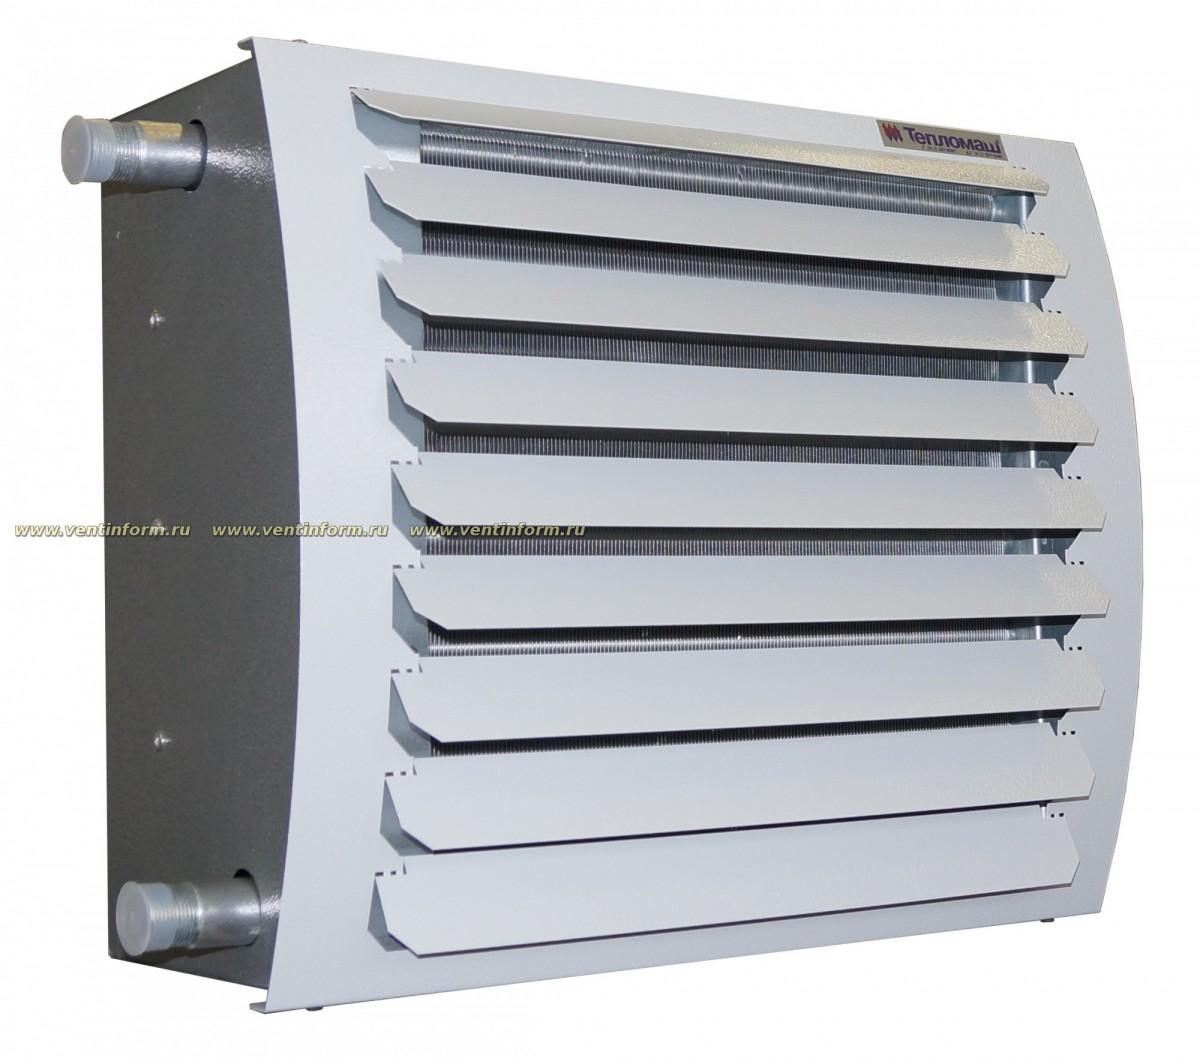 Тепловентиляторы TW большой мощности